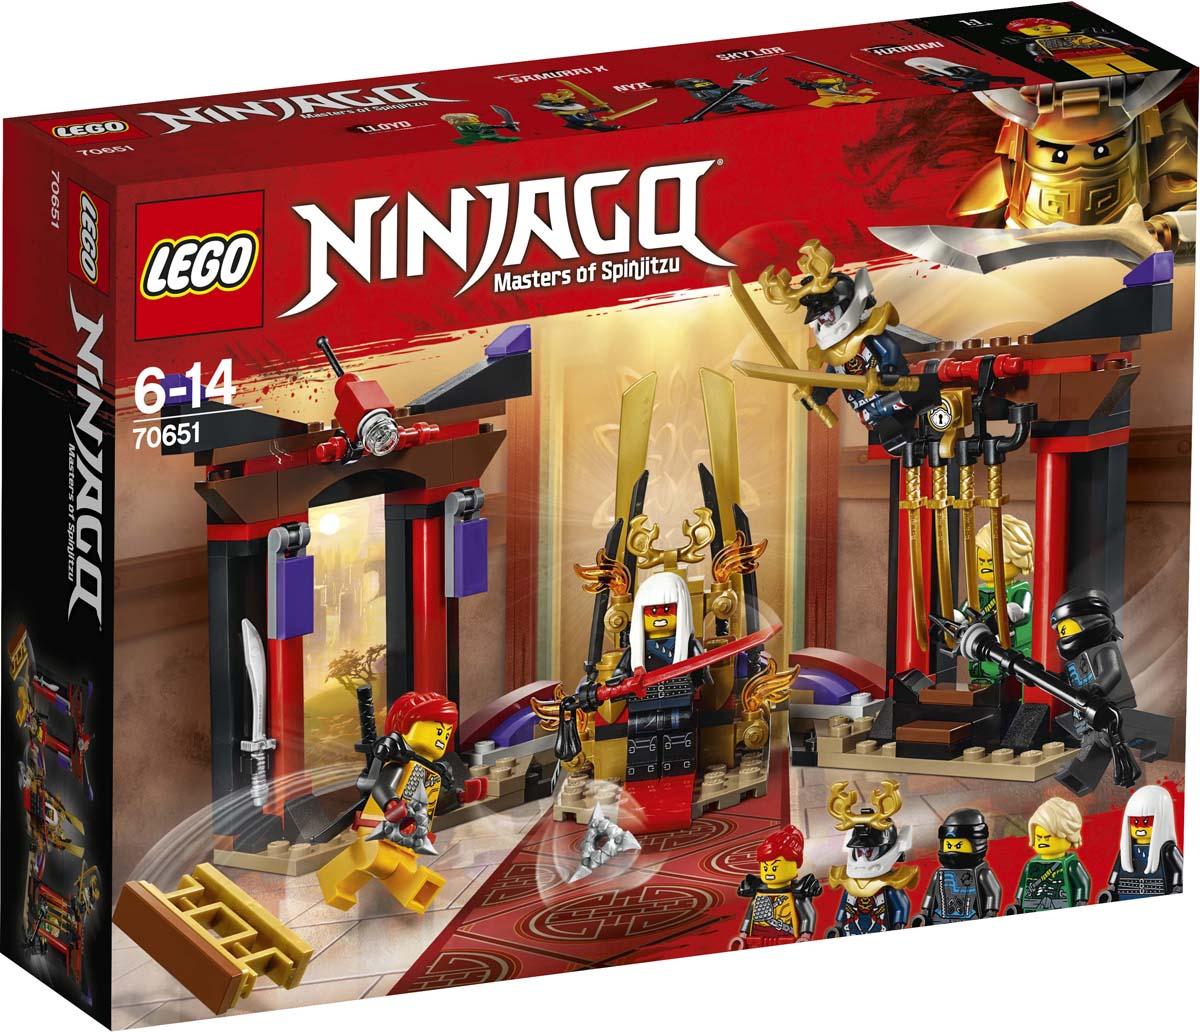 LEGO Ninjago Конструктор Решающий бой в тронном зале 70651 lego lego конструктор lego ninjago 70651 решающий бой в тронном зале